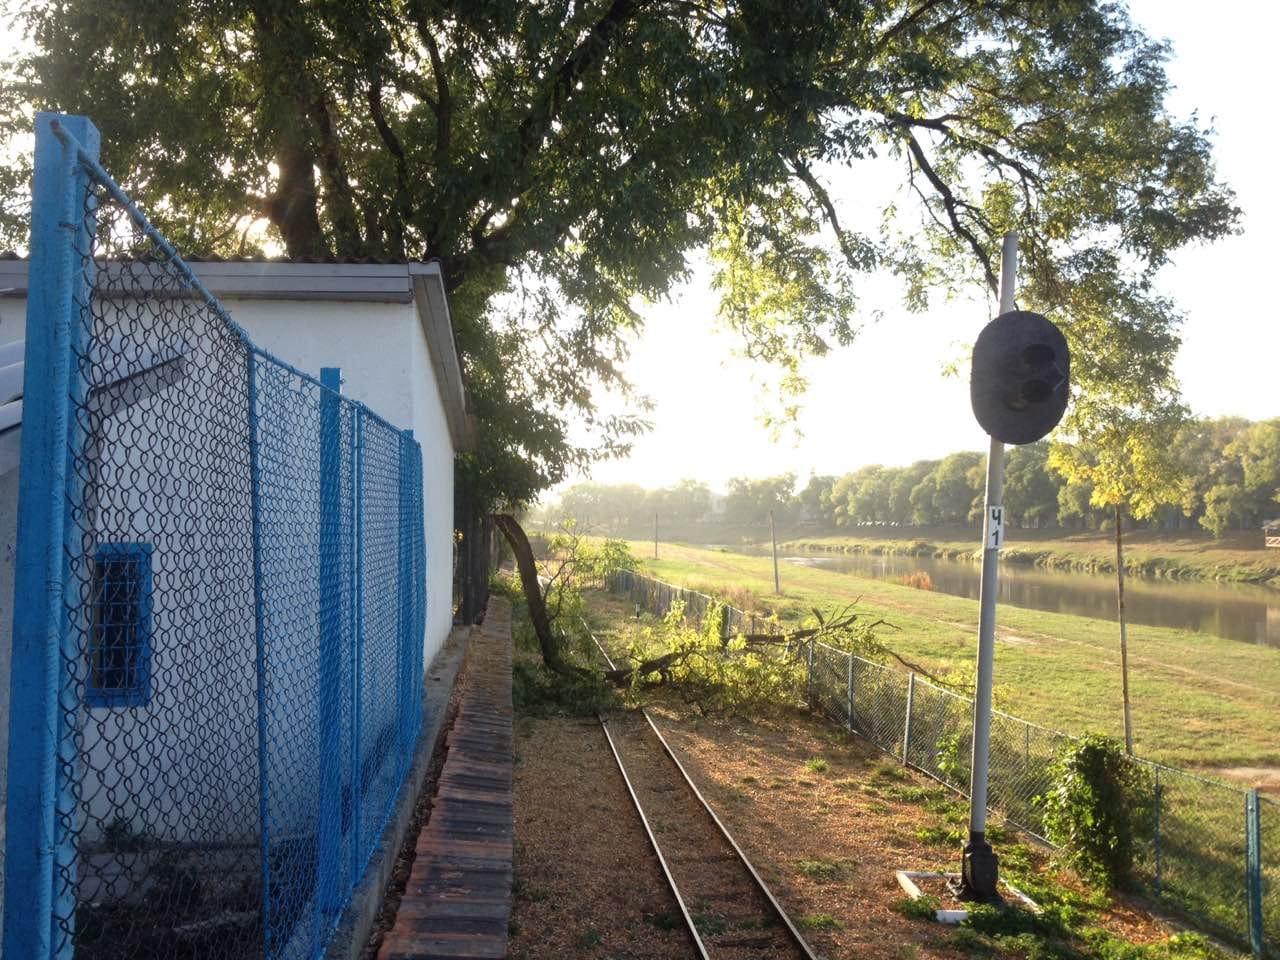 Аварійні дерева загрожують дитячій залізниці в Ужгороді (ФОТО), фото-1